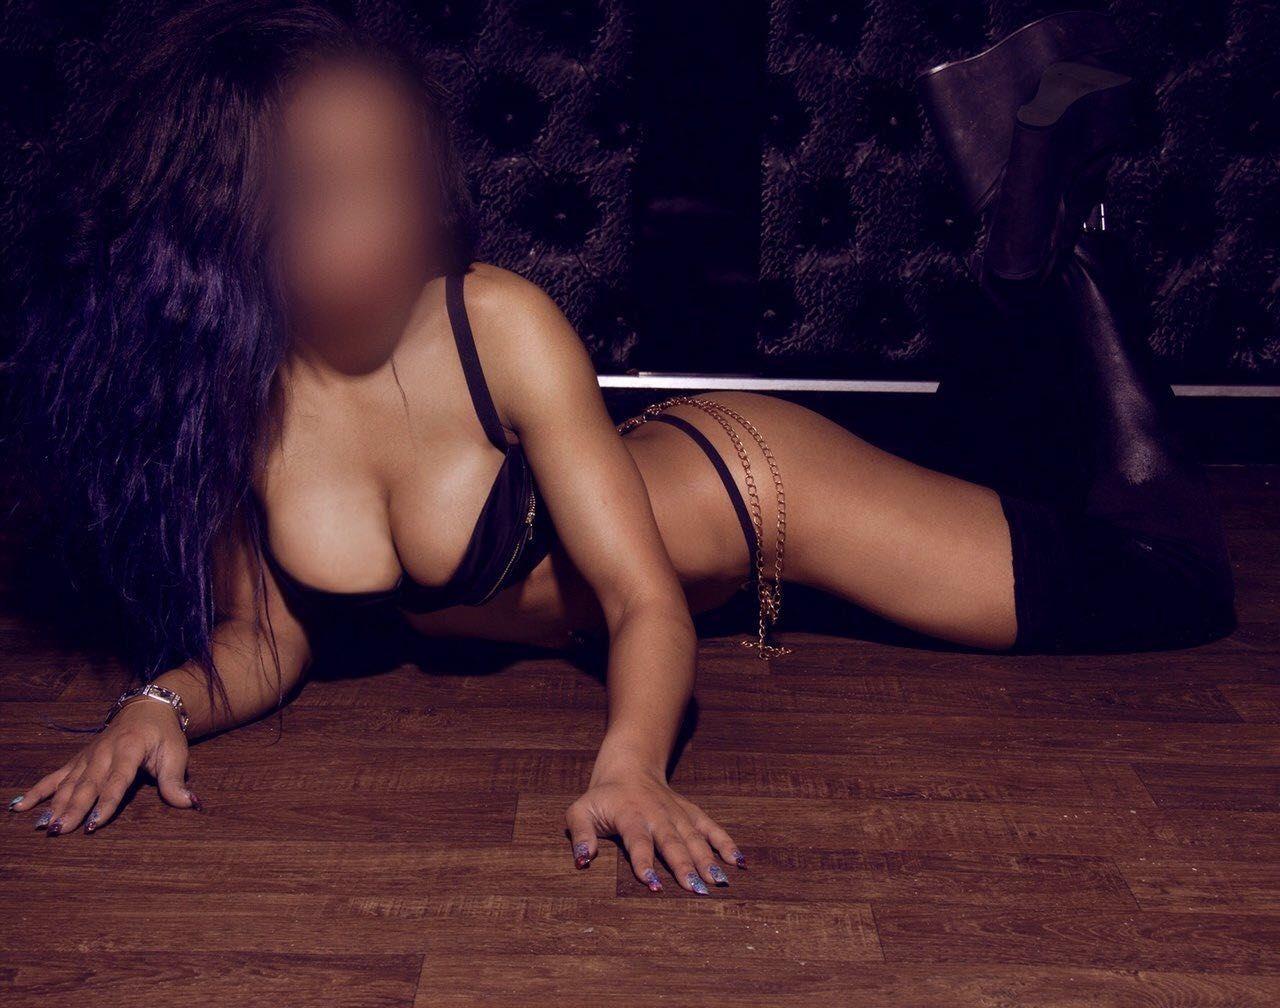 In Escort Hot Brunette Nelly Agency Marbella